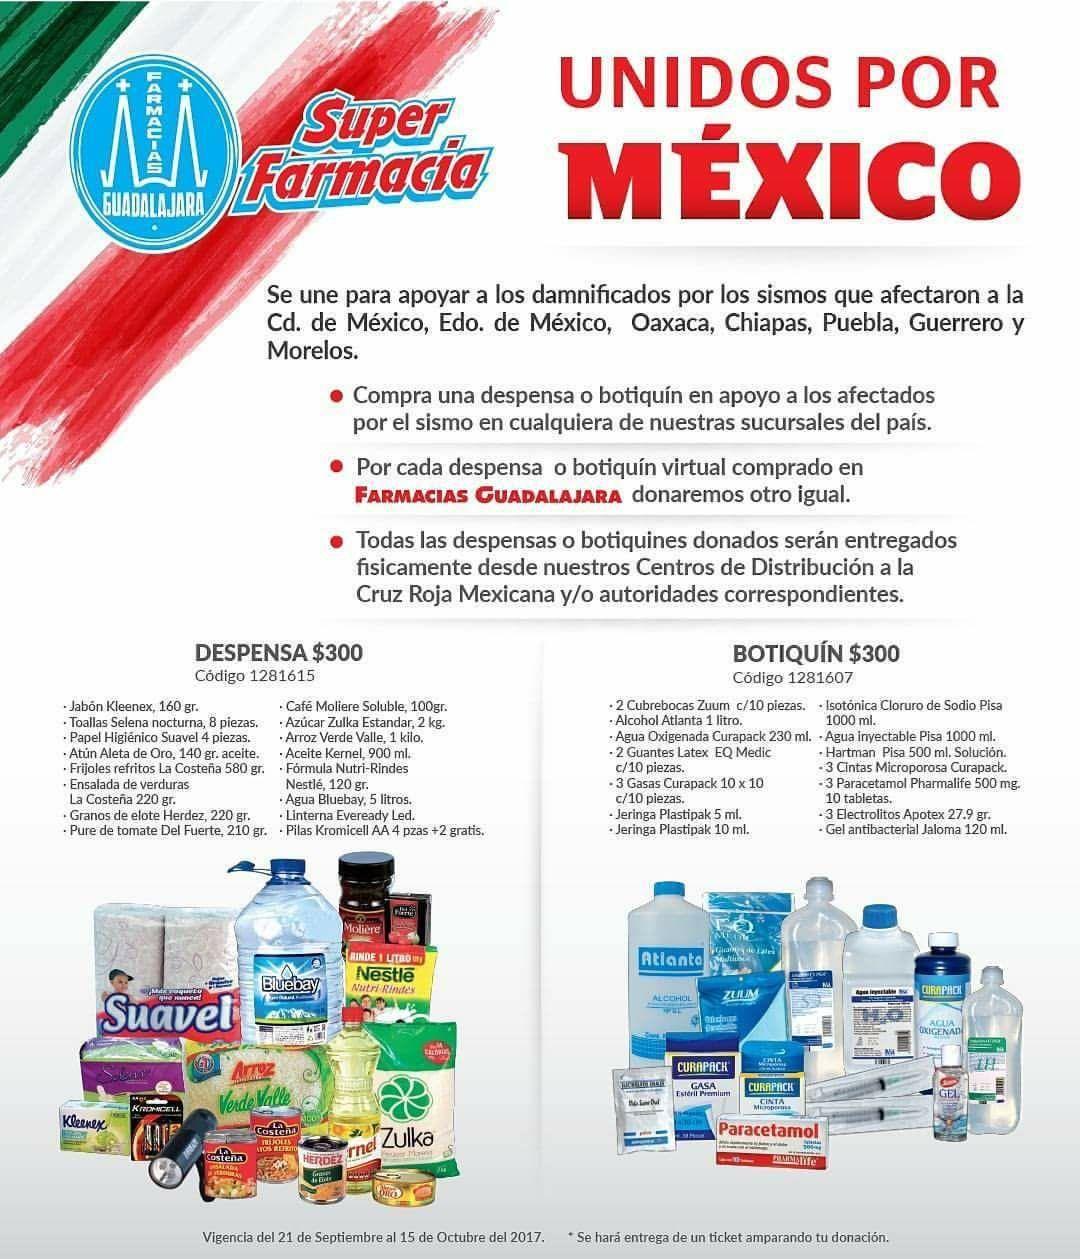 Farmacias Guadalajara: por cada botiquín y despensa que compres para apoyar a los damnificados por el sismo, ellos donaran otro igual